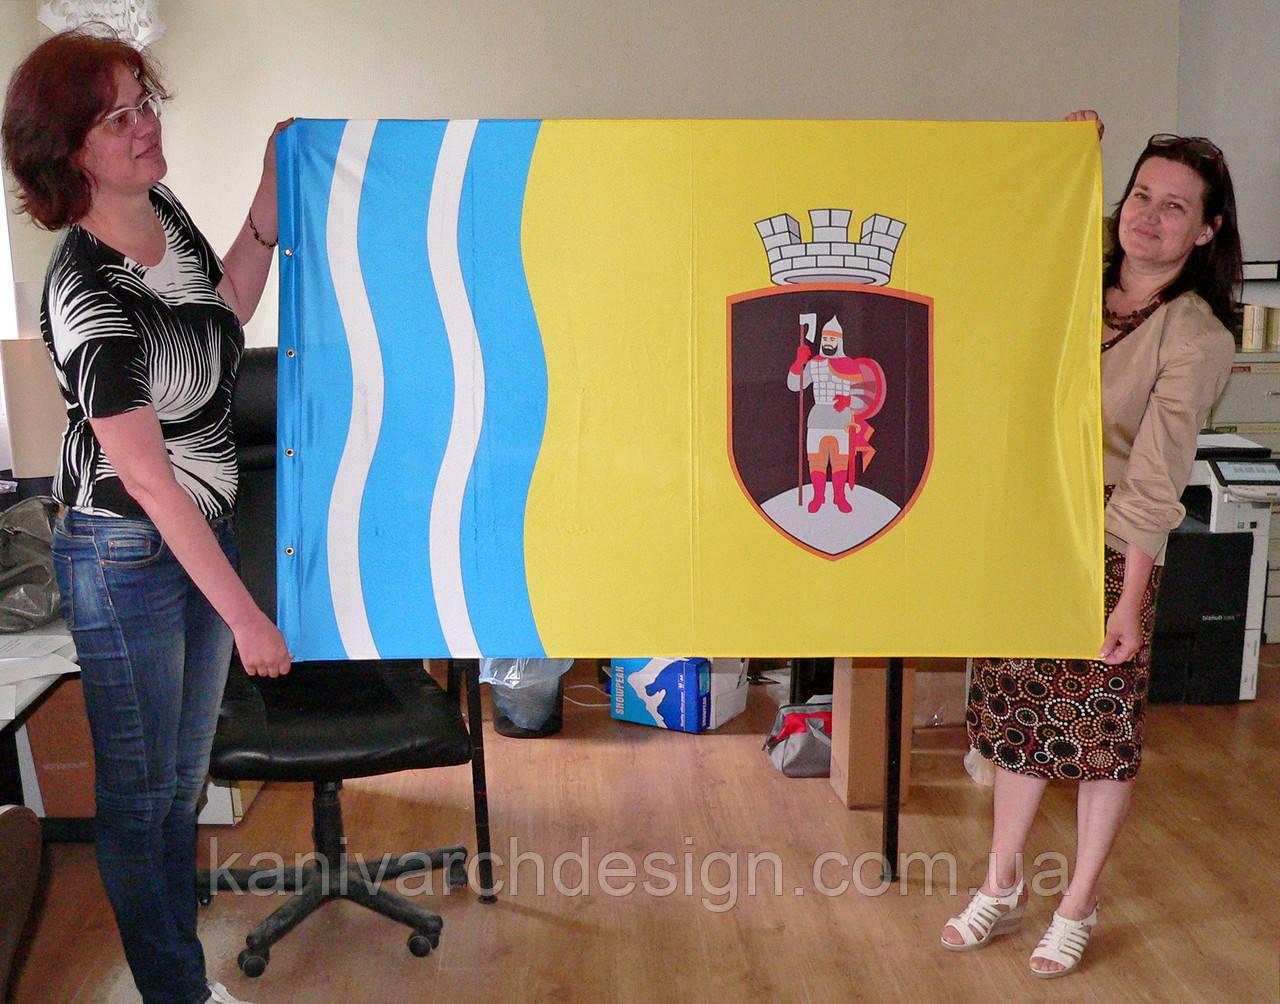 Прапор міста Канева двосторонній розміром 1000х1500мм, прапорна тканина, прошив, люверси для флагштока, фото 1